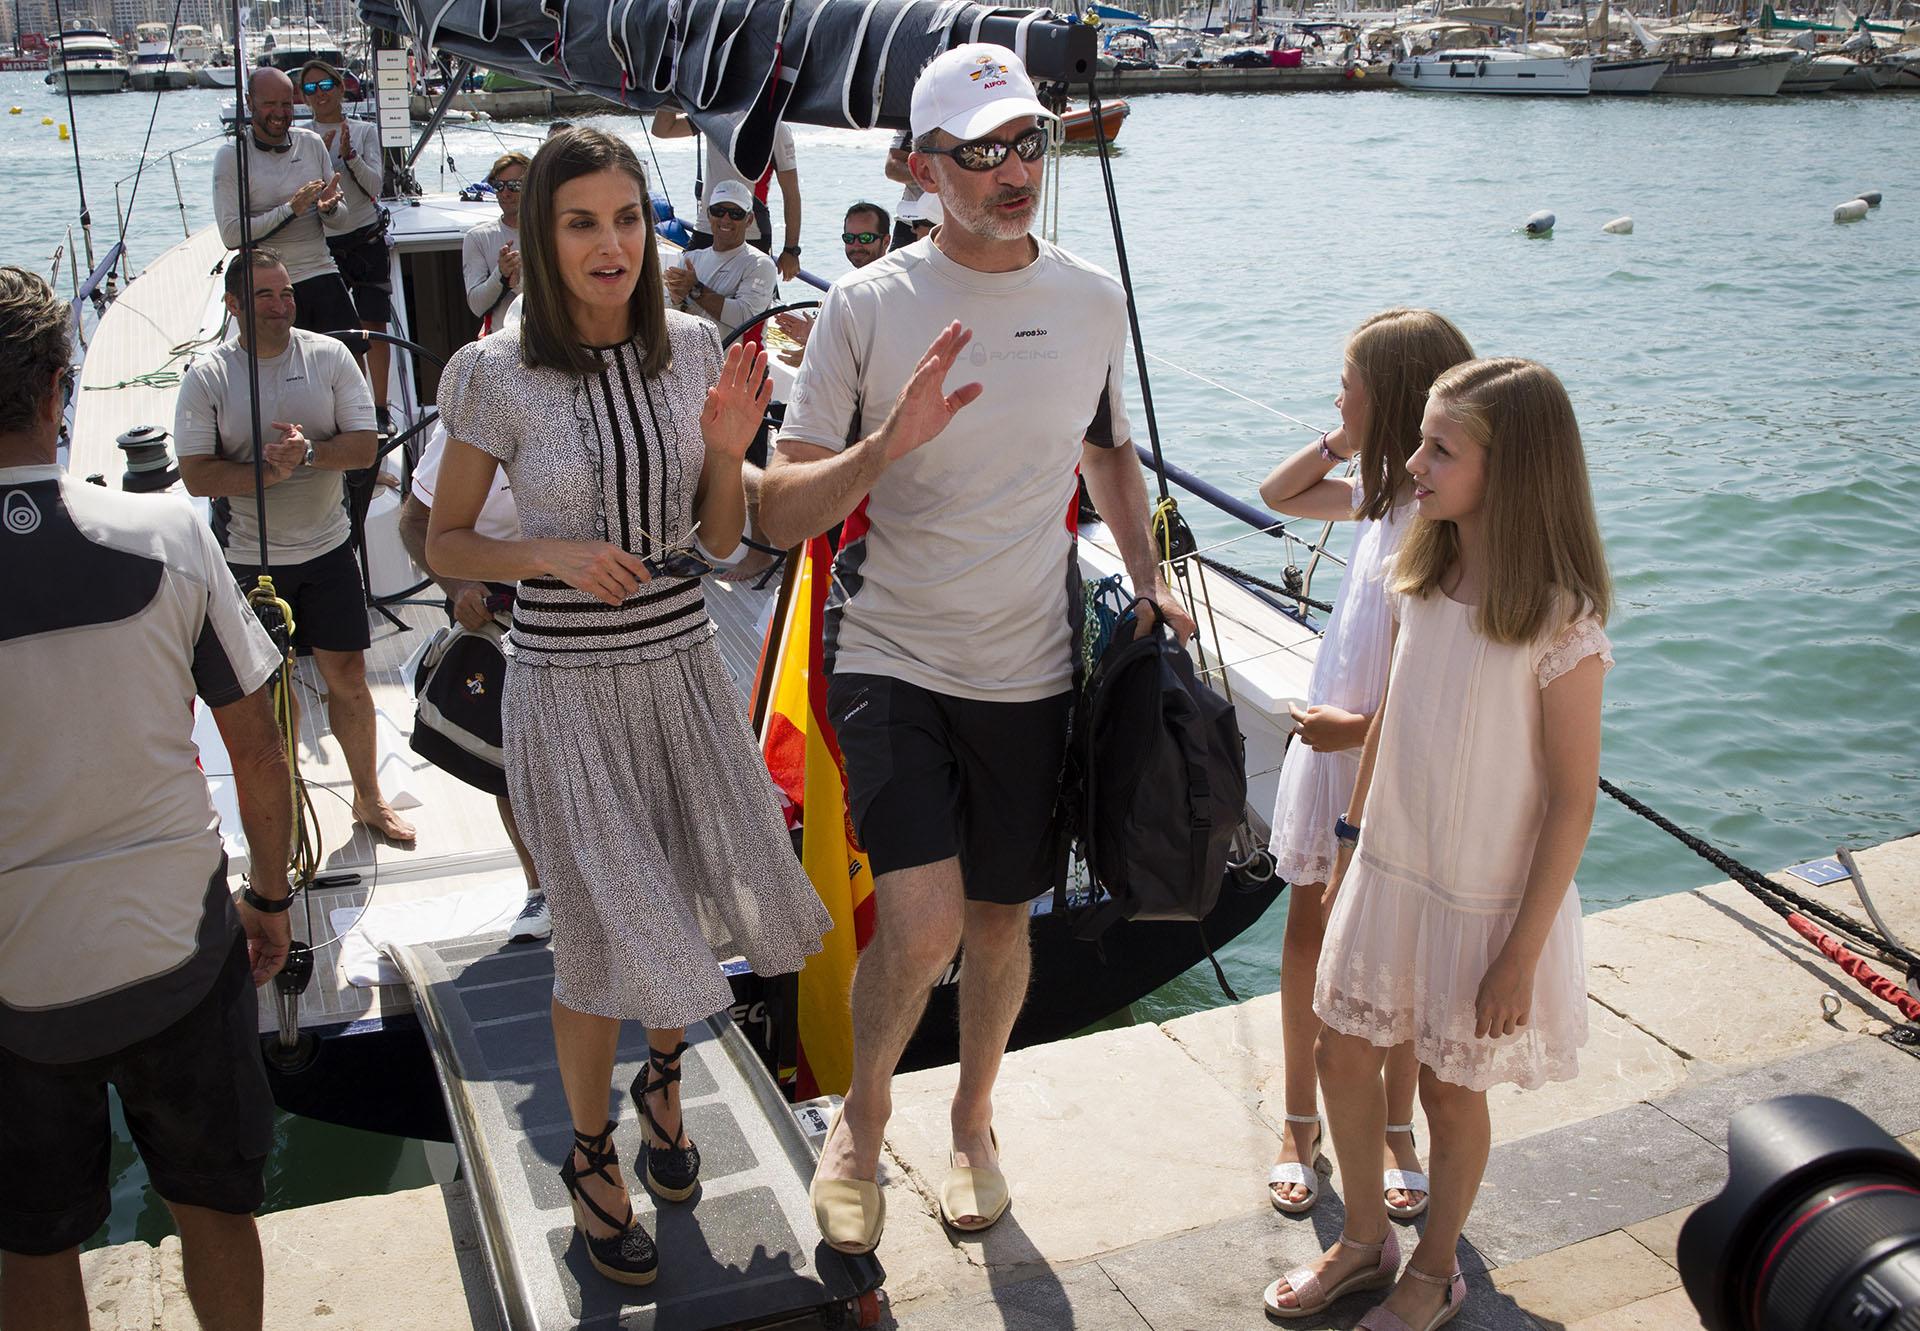 La reina Letizia arribó en compañía de sus hijas, las princesas Leonor y Sofía, para acompañar a su marido en la última jornada de la tradicional Copa del Rey